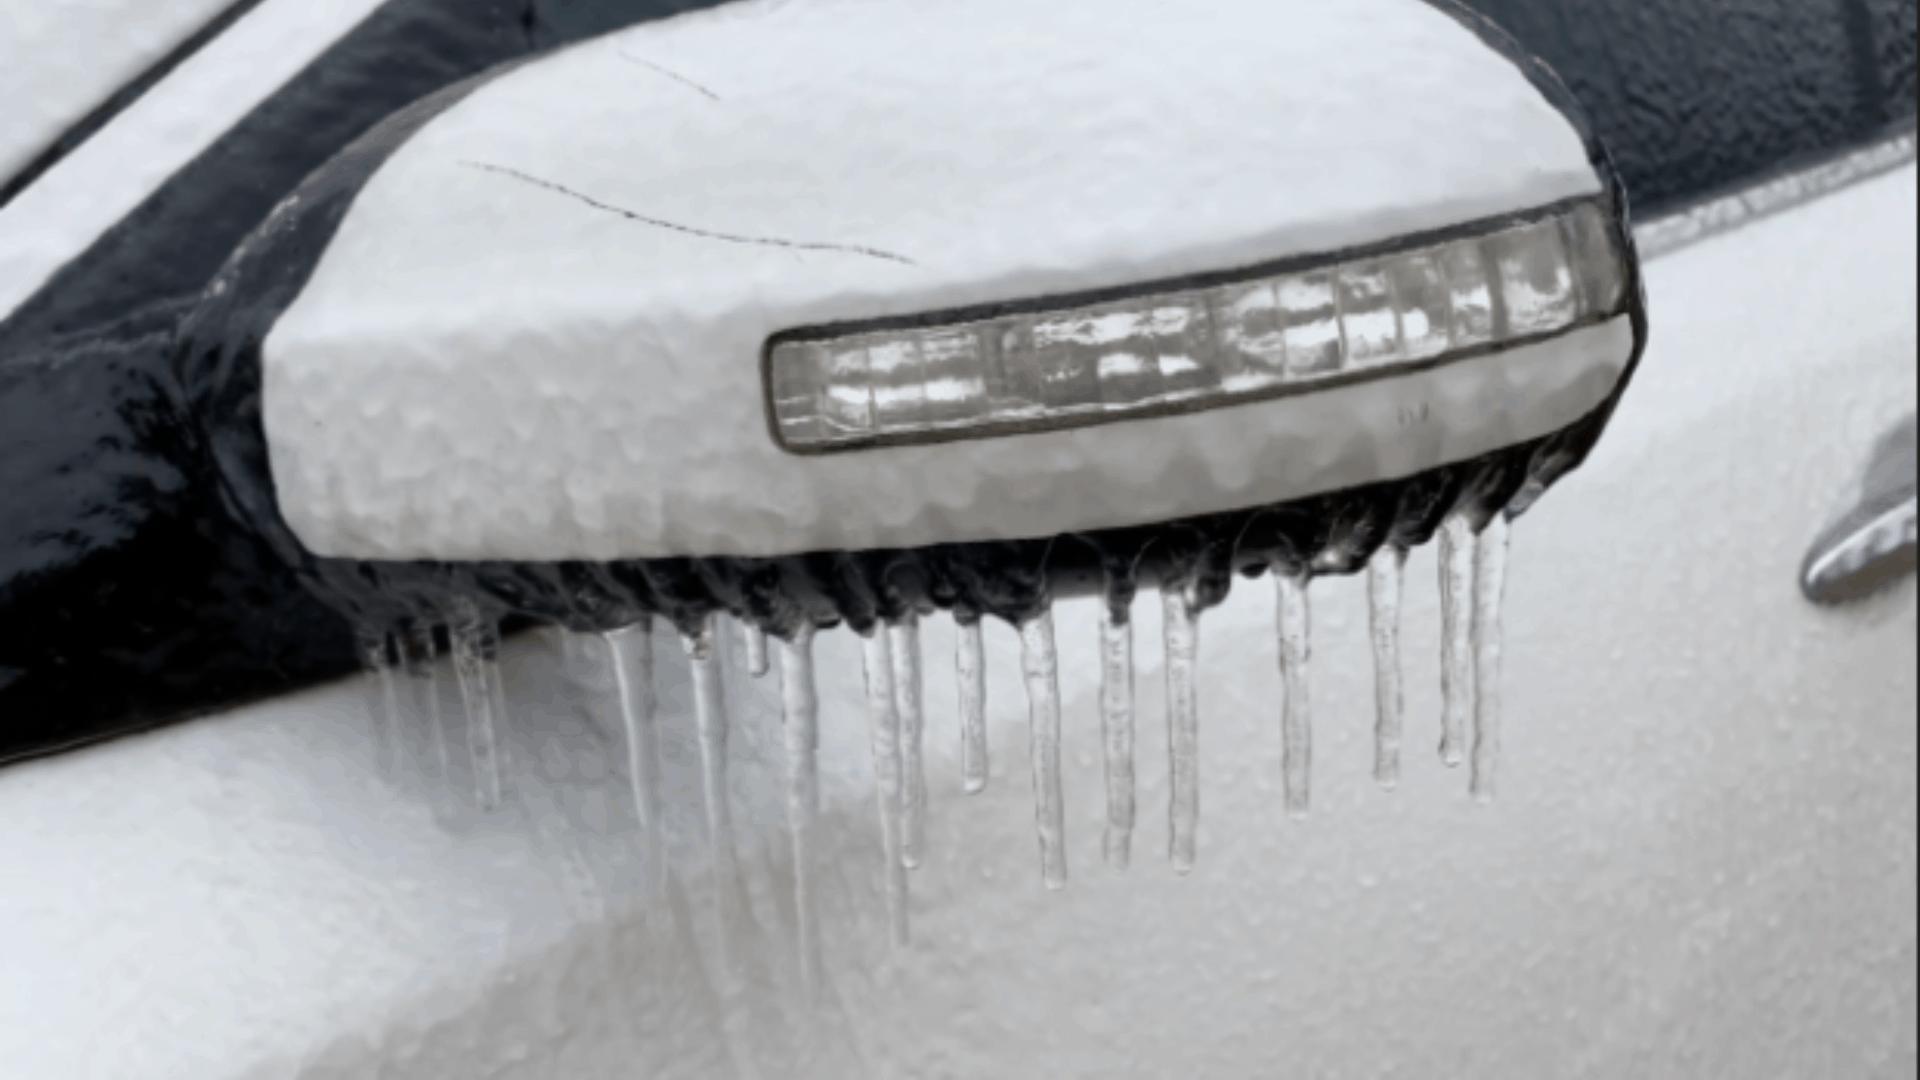 Tormenta de hielo y nieve: más de 150 millones de personas están siendo afectadas | Noticia by Facundo Valdez